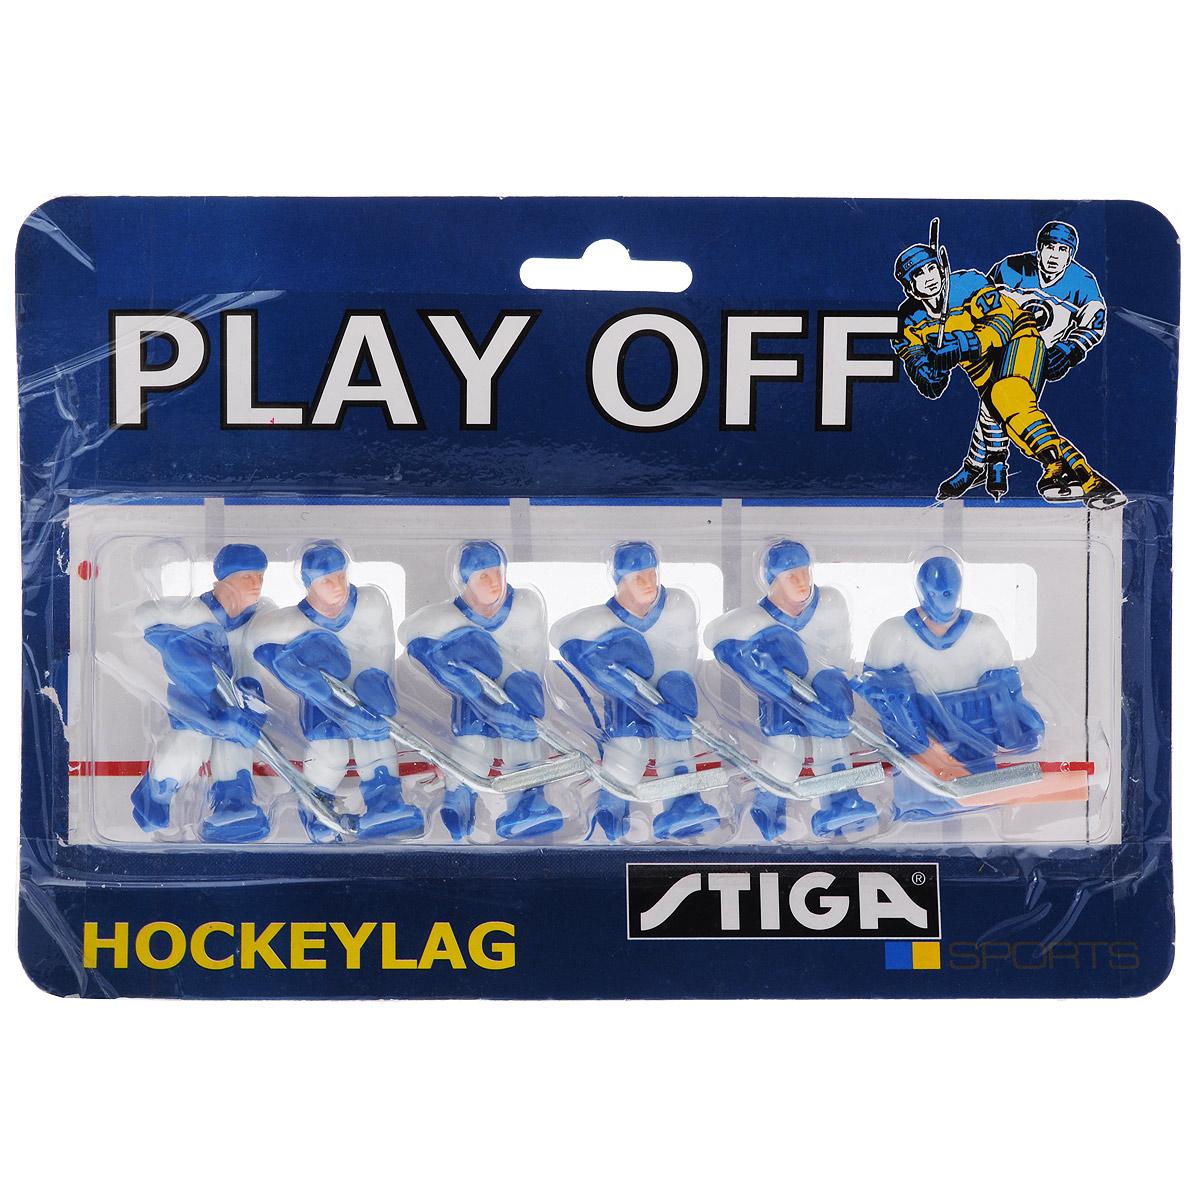 """Команда игроков Stiga """"Сборная Финляндии"""" включает 6 фигурок в виде игроков в хоккей. Фигурки предназначены для игры в настольный хоккей. Оснащены специальными отверстиями для крепления. Команда имеет раскраску формы, аналогичную настоящей команде сборной Финляндии по хоккею. Игроки имеют отличную детализацию и раскрашены вручную. В команде: вратарь и 5 хоккеистов. Теперь вы можете сыграть в настольный хоккей за команду """"Сборная Финляндии"""". Игроки предназначены для хоккея Stiga NHL Stanley Cup. Однако, несмотря на некоторые отличия, они также без проблем подойдут для Stiga Play Off и Stiga High Speed. Высота фигурки: 6 см. Количество фигурок: 6 шт."""